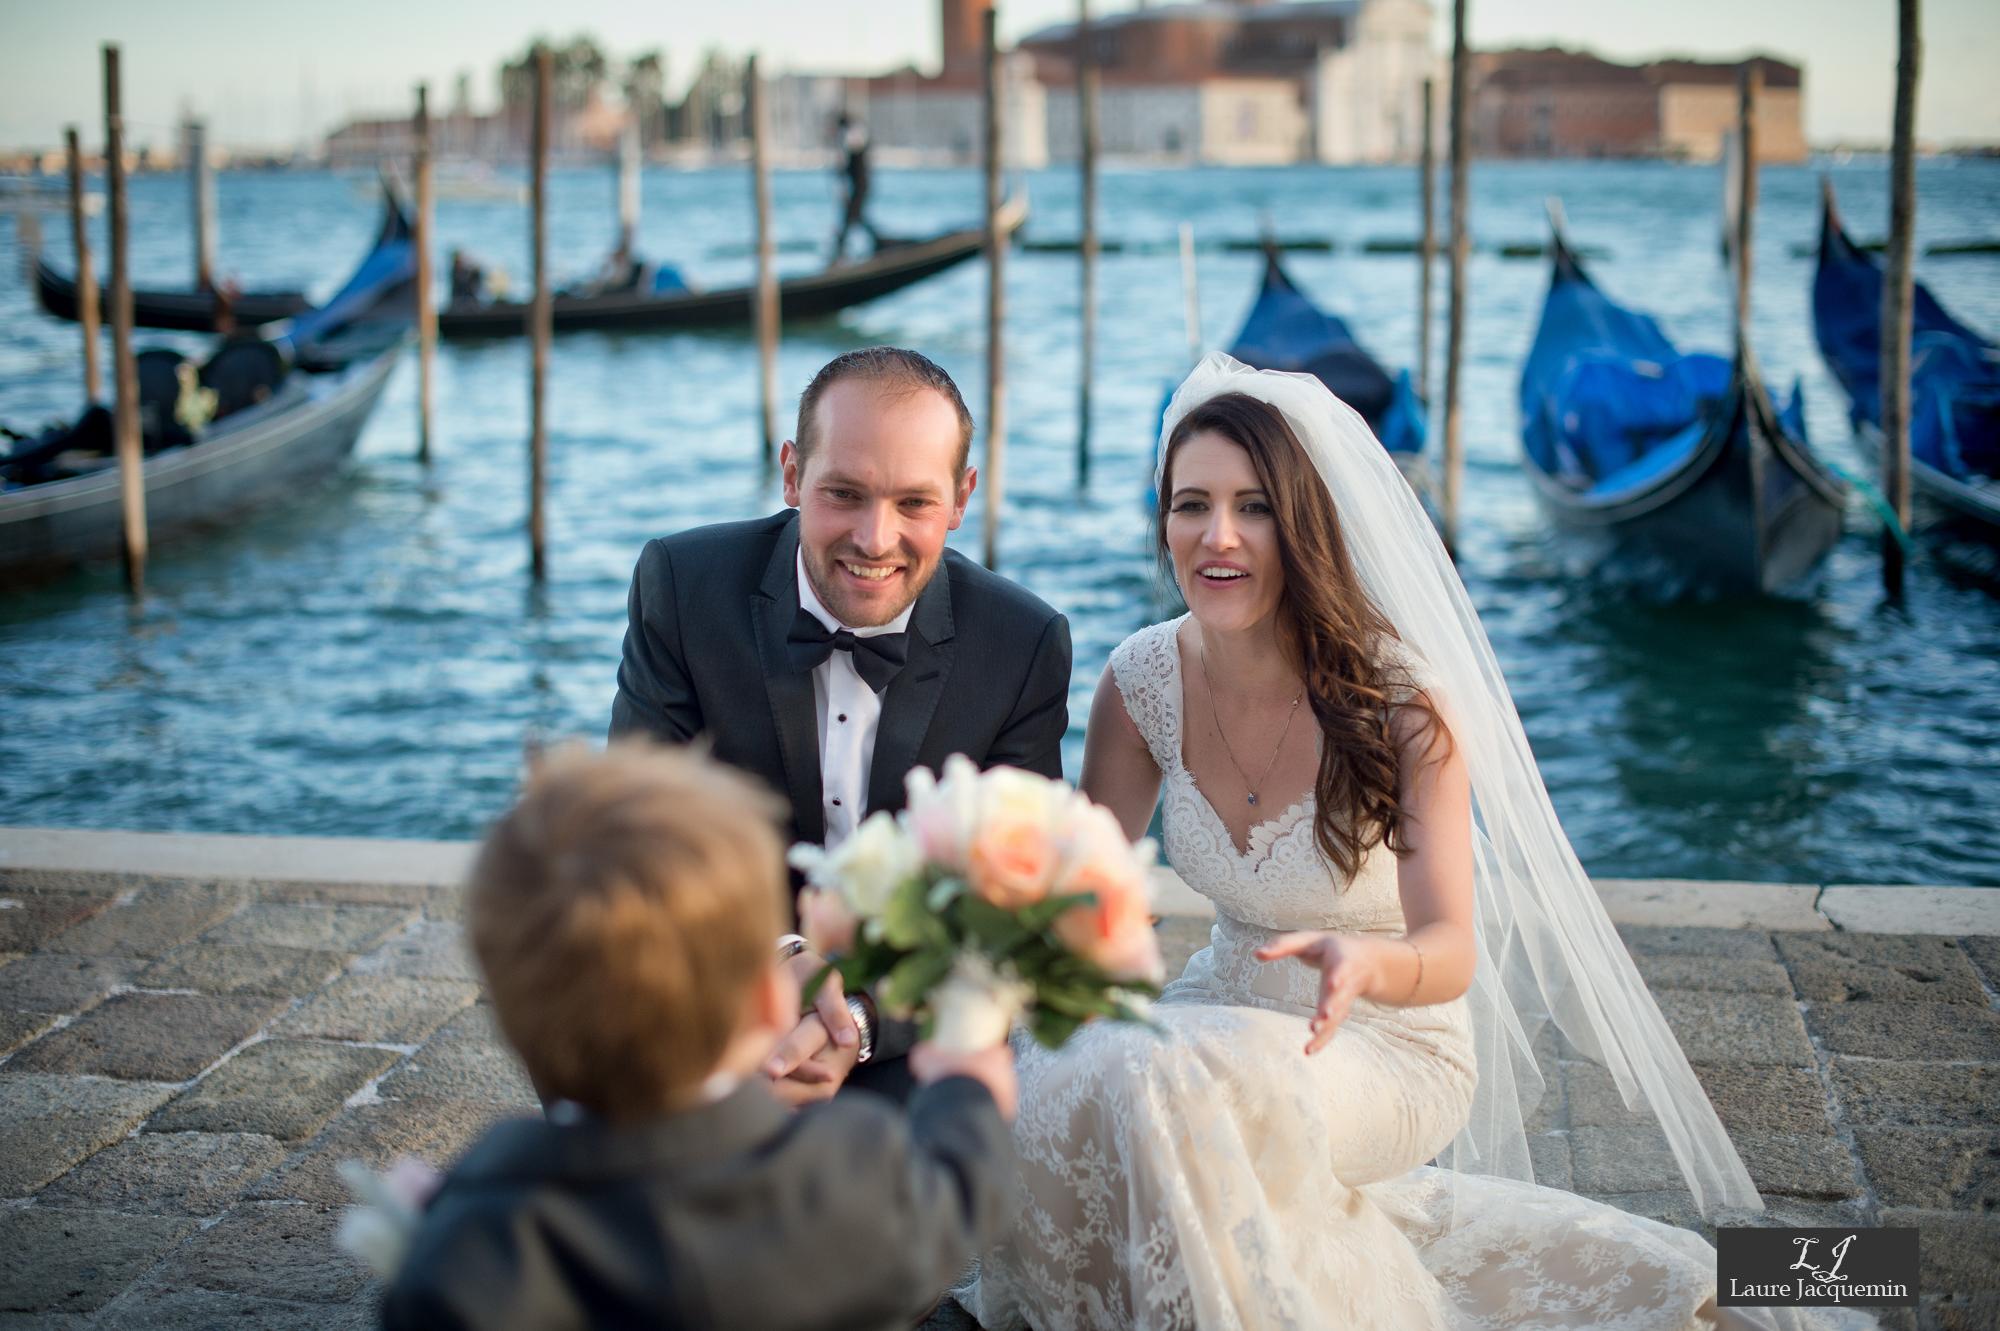 photographe mariage laure jacquemin palazzo cavalli service photographique (100)